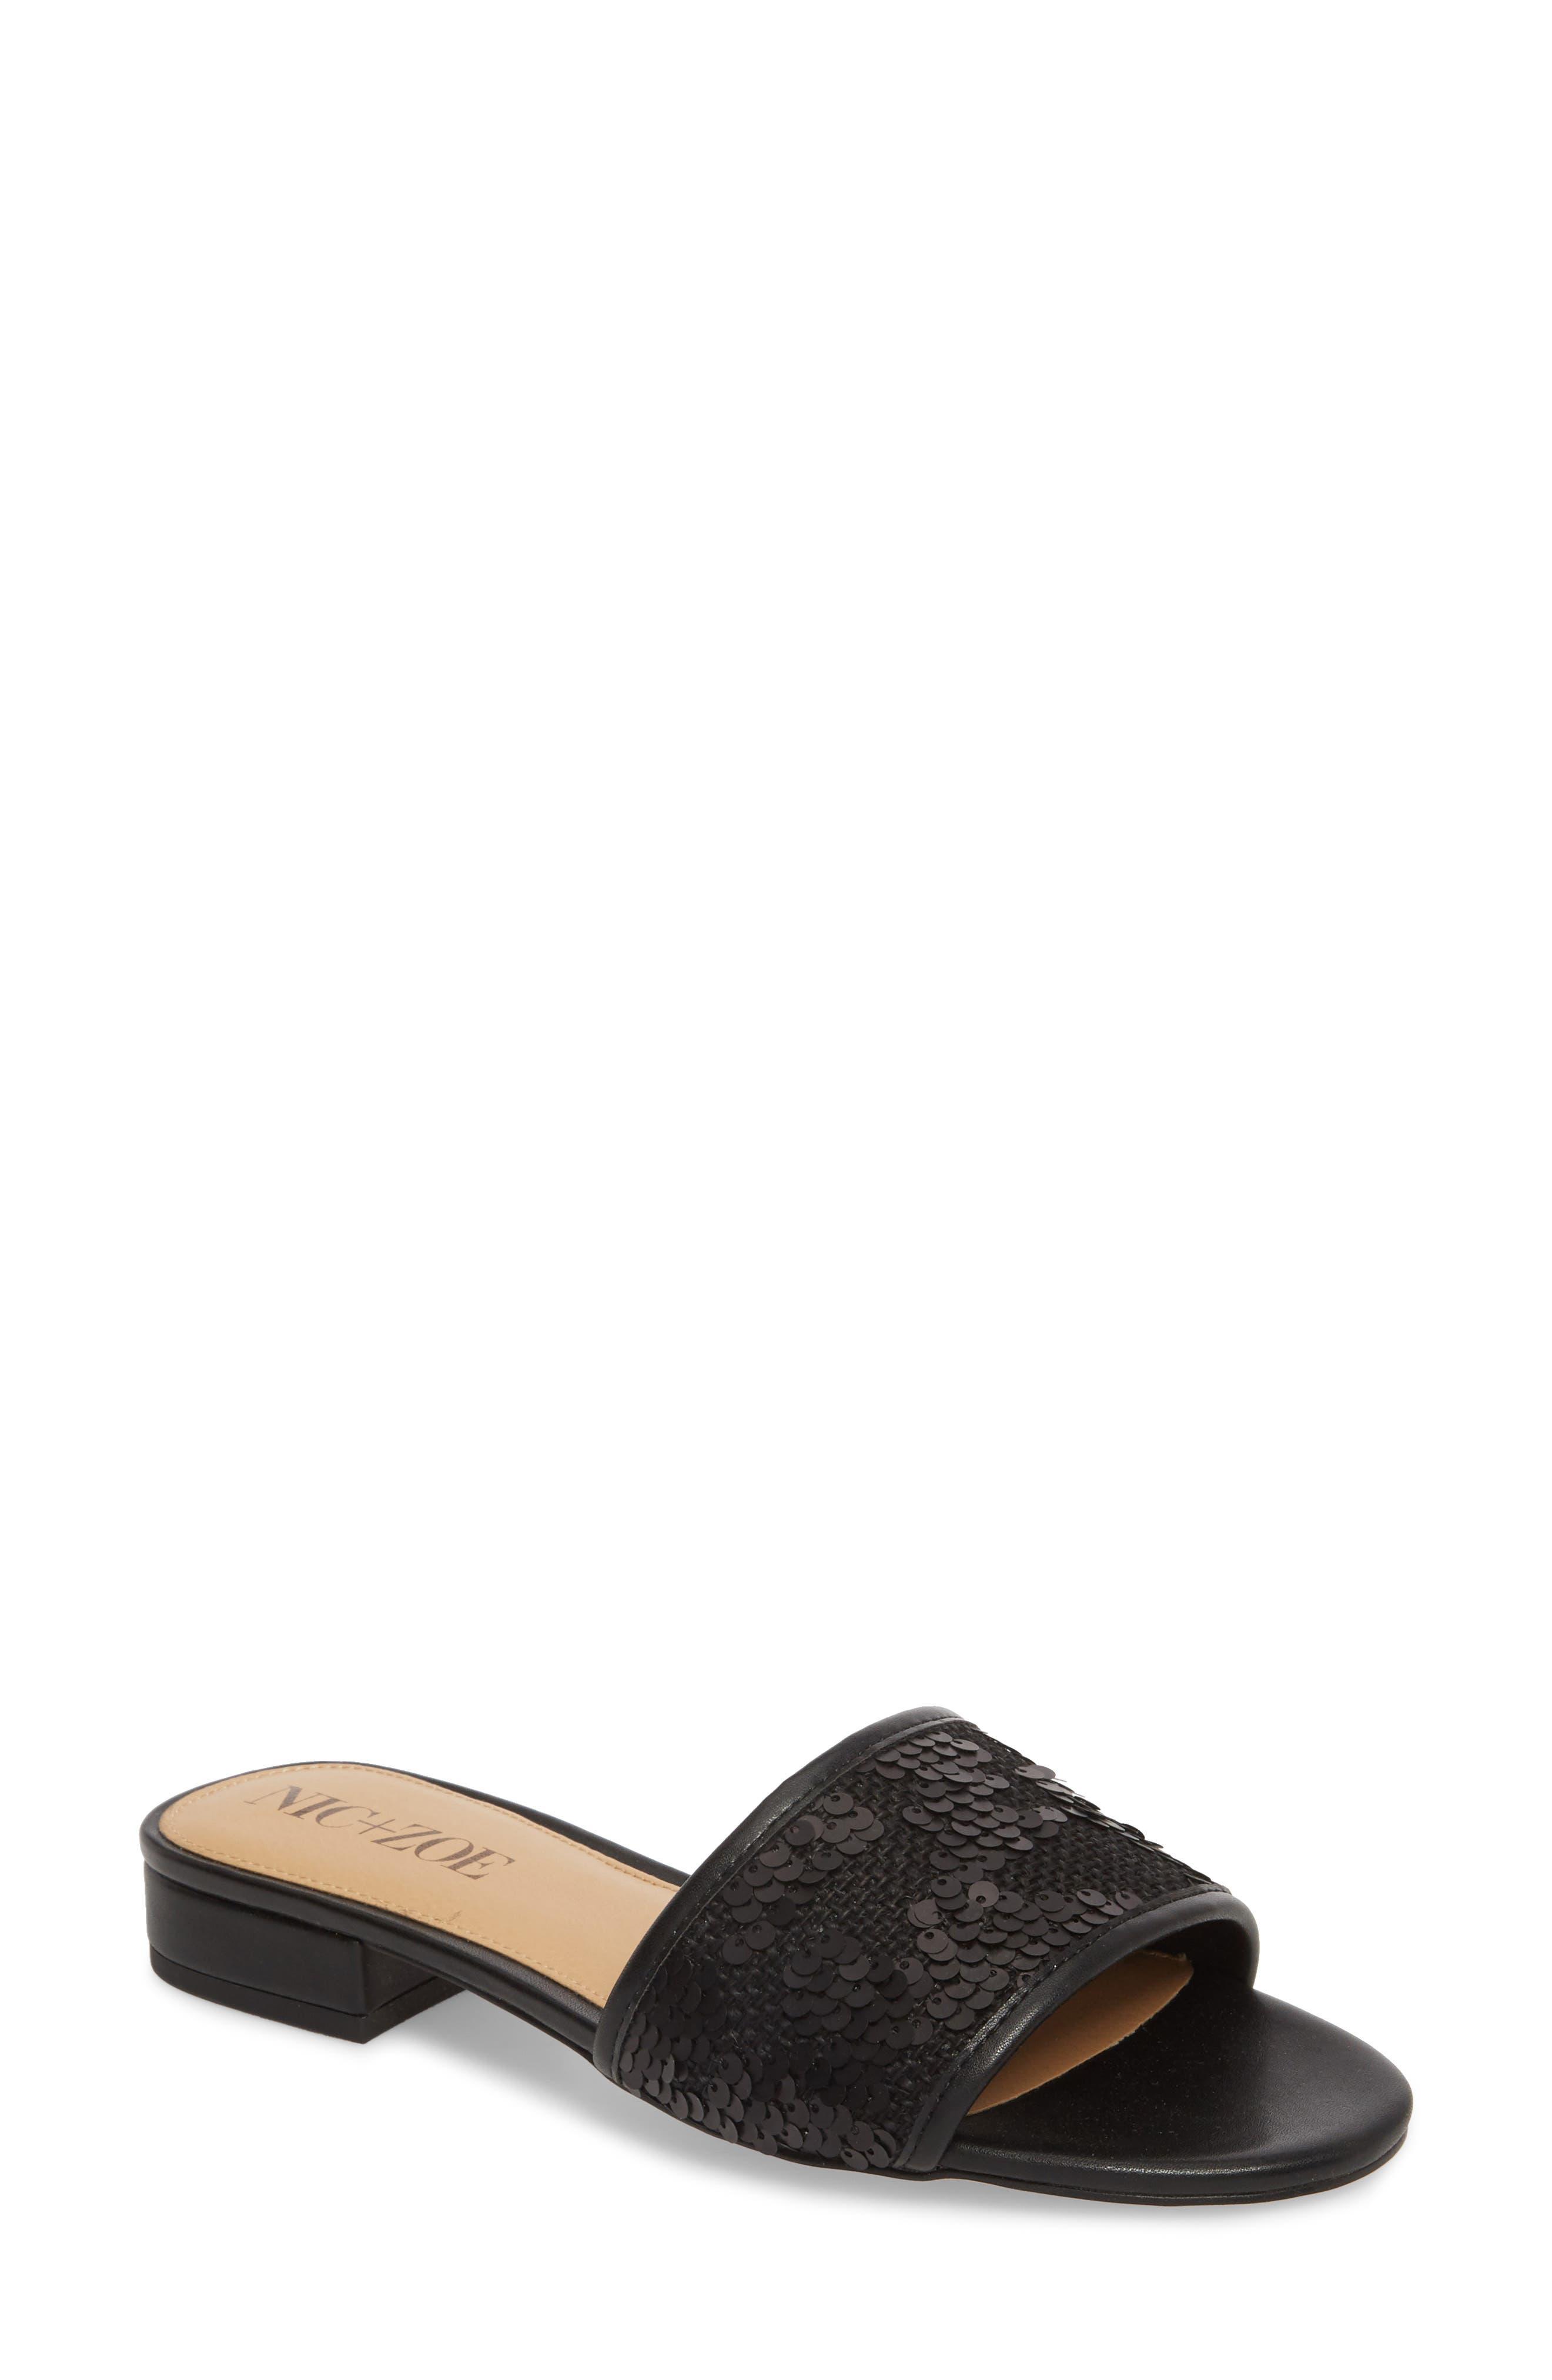 Nic + Zoe Sandy Sequin Slide Sandal- Black